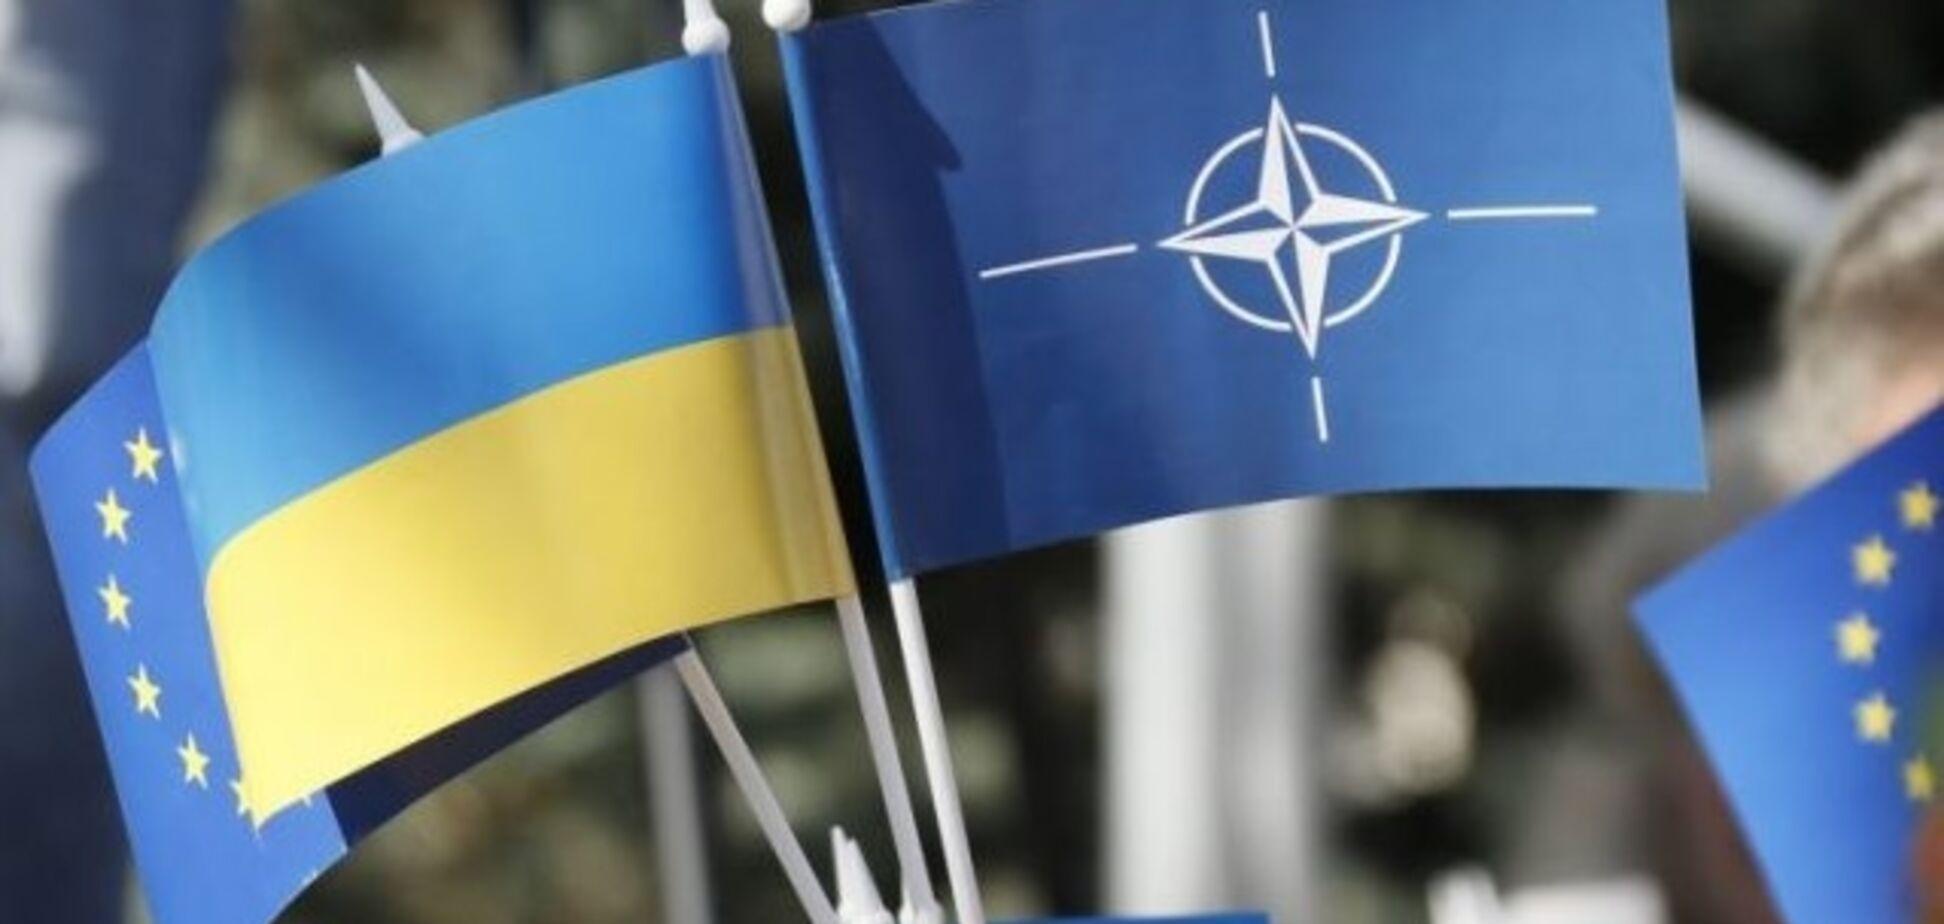 ЕС и НАТО раскритиковали президентский законопроект о нацбезопасности